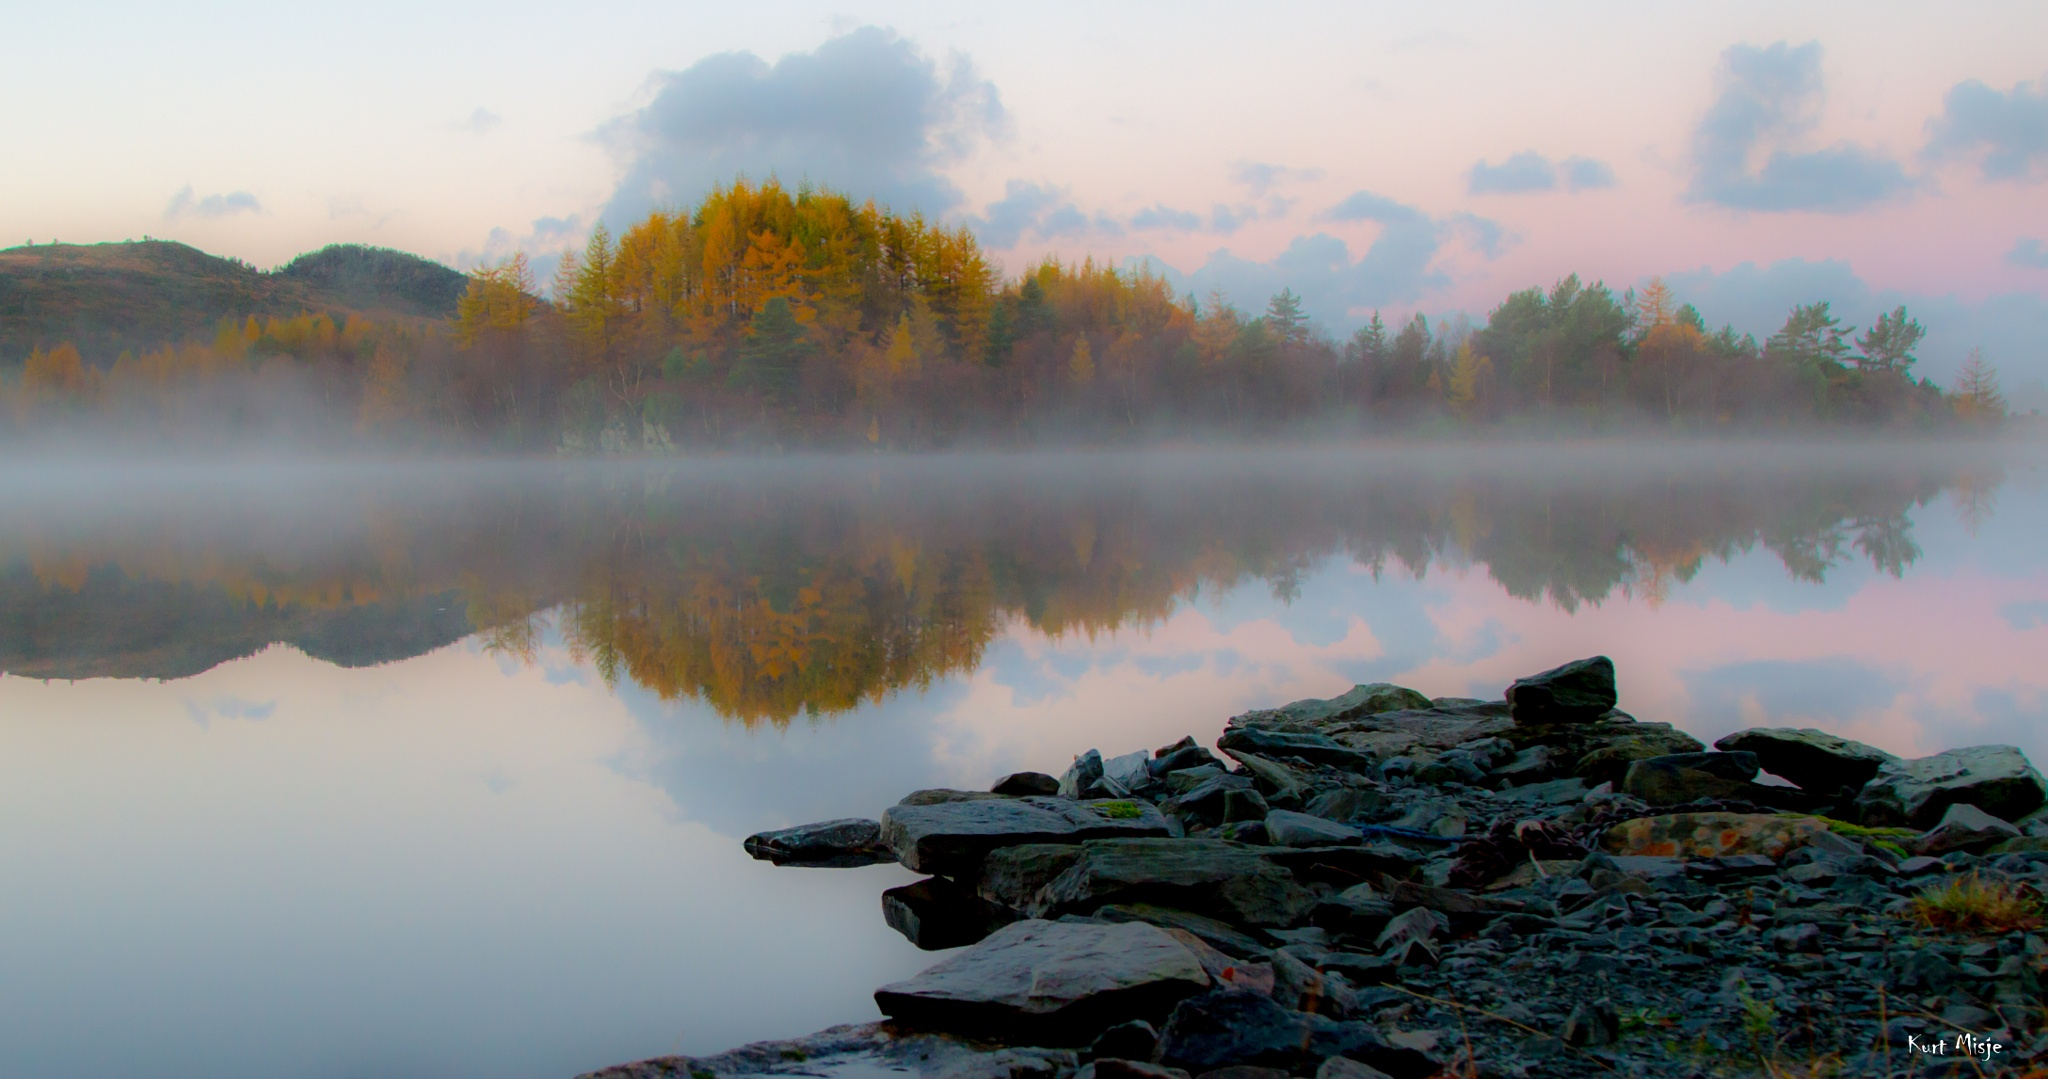 Autumn I by KurtMisje